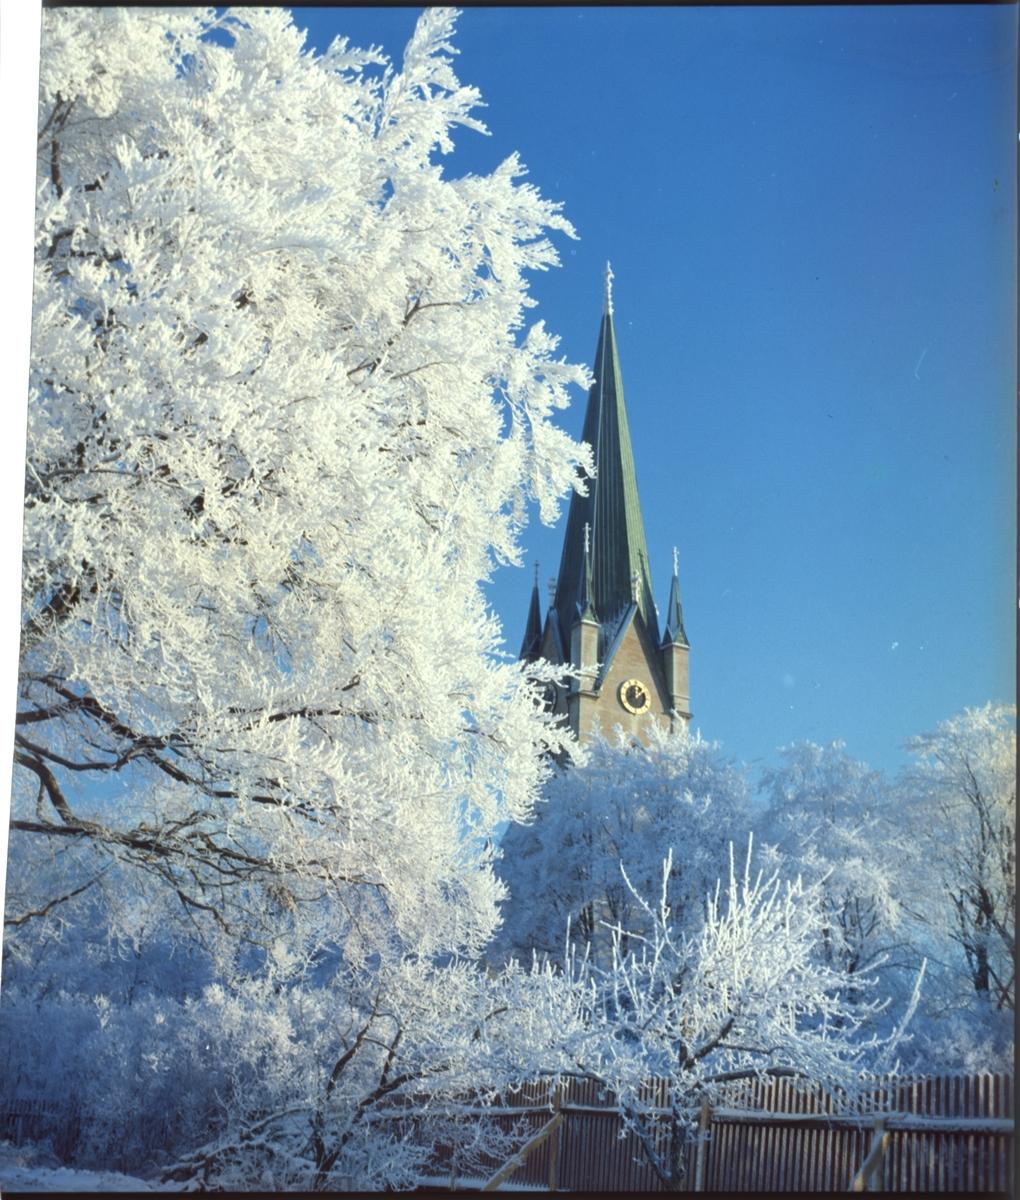 Domkyrkotornet och del av träd vintertid.